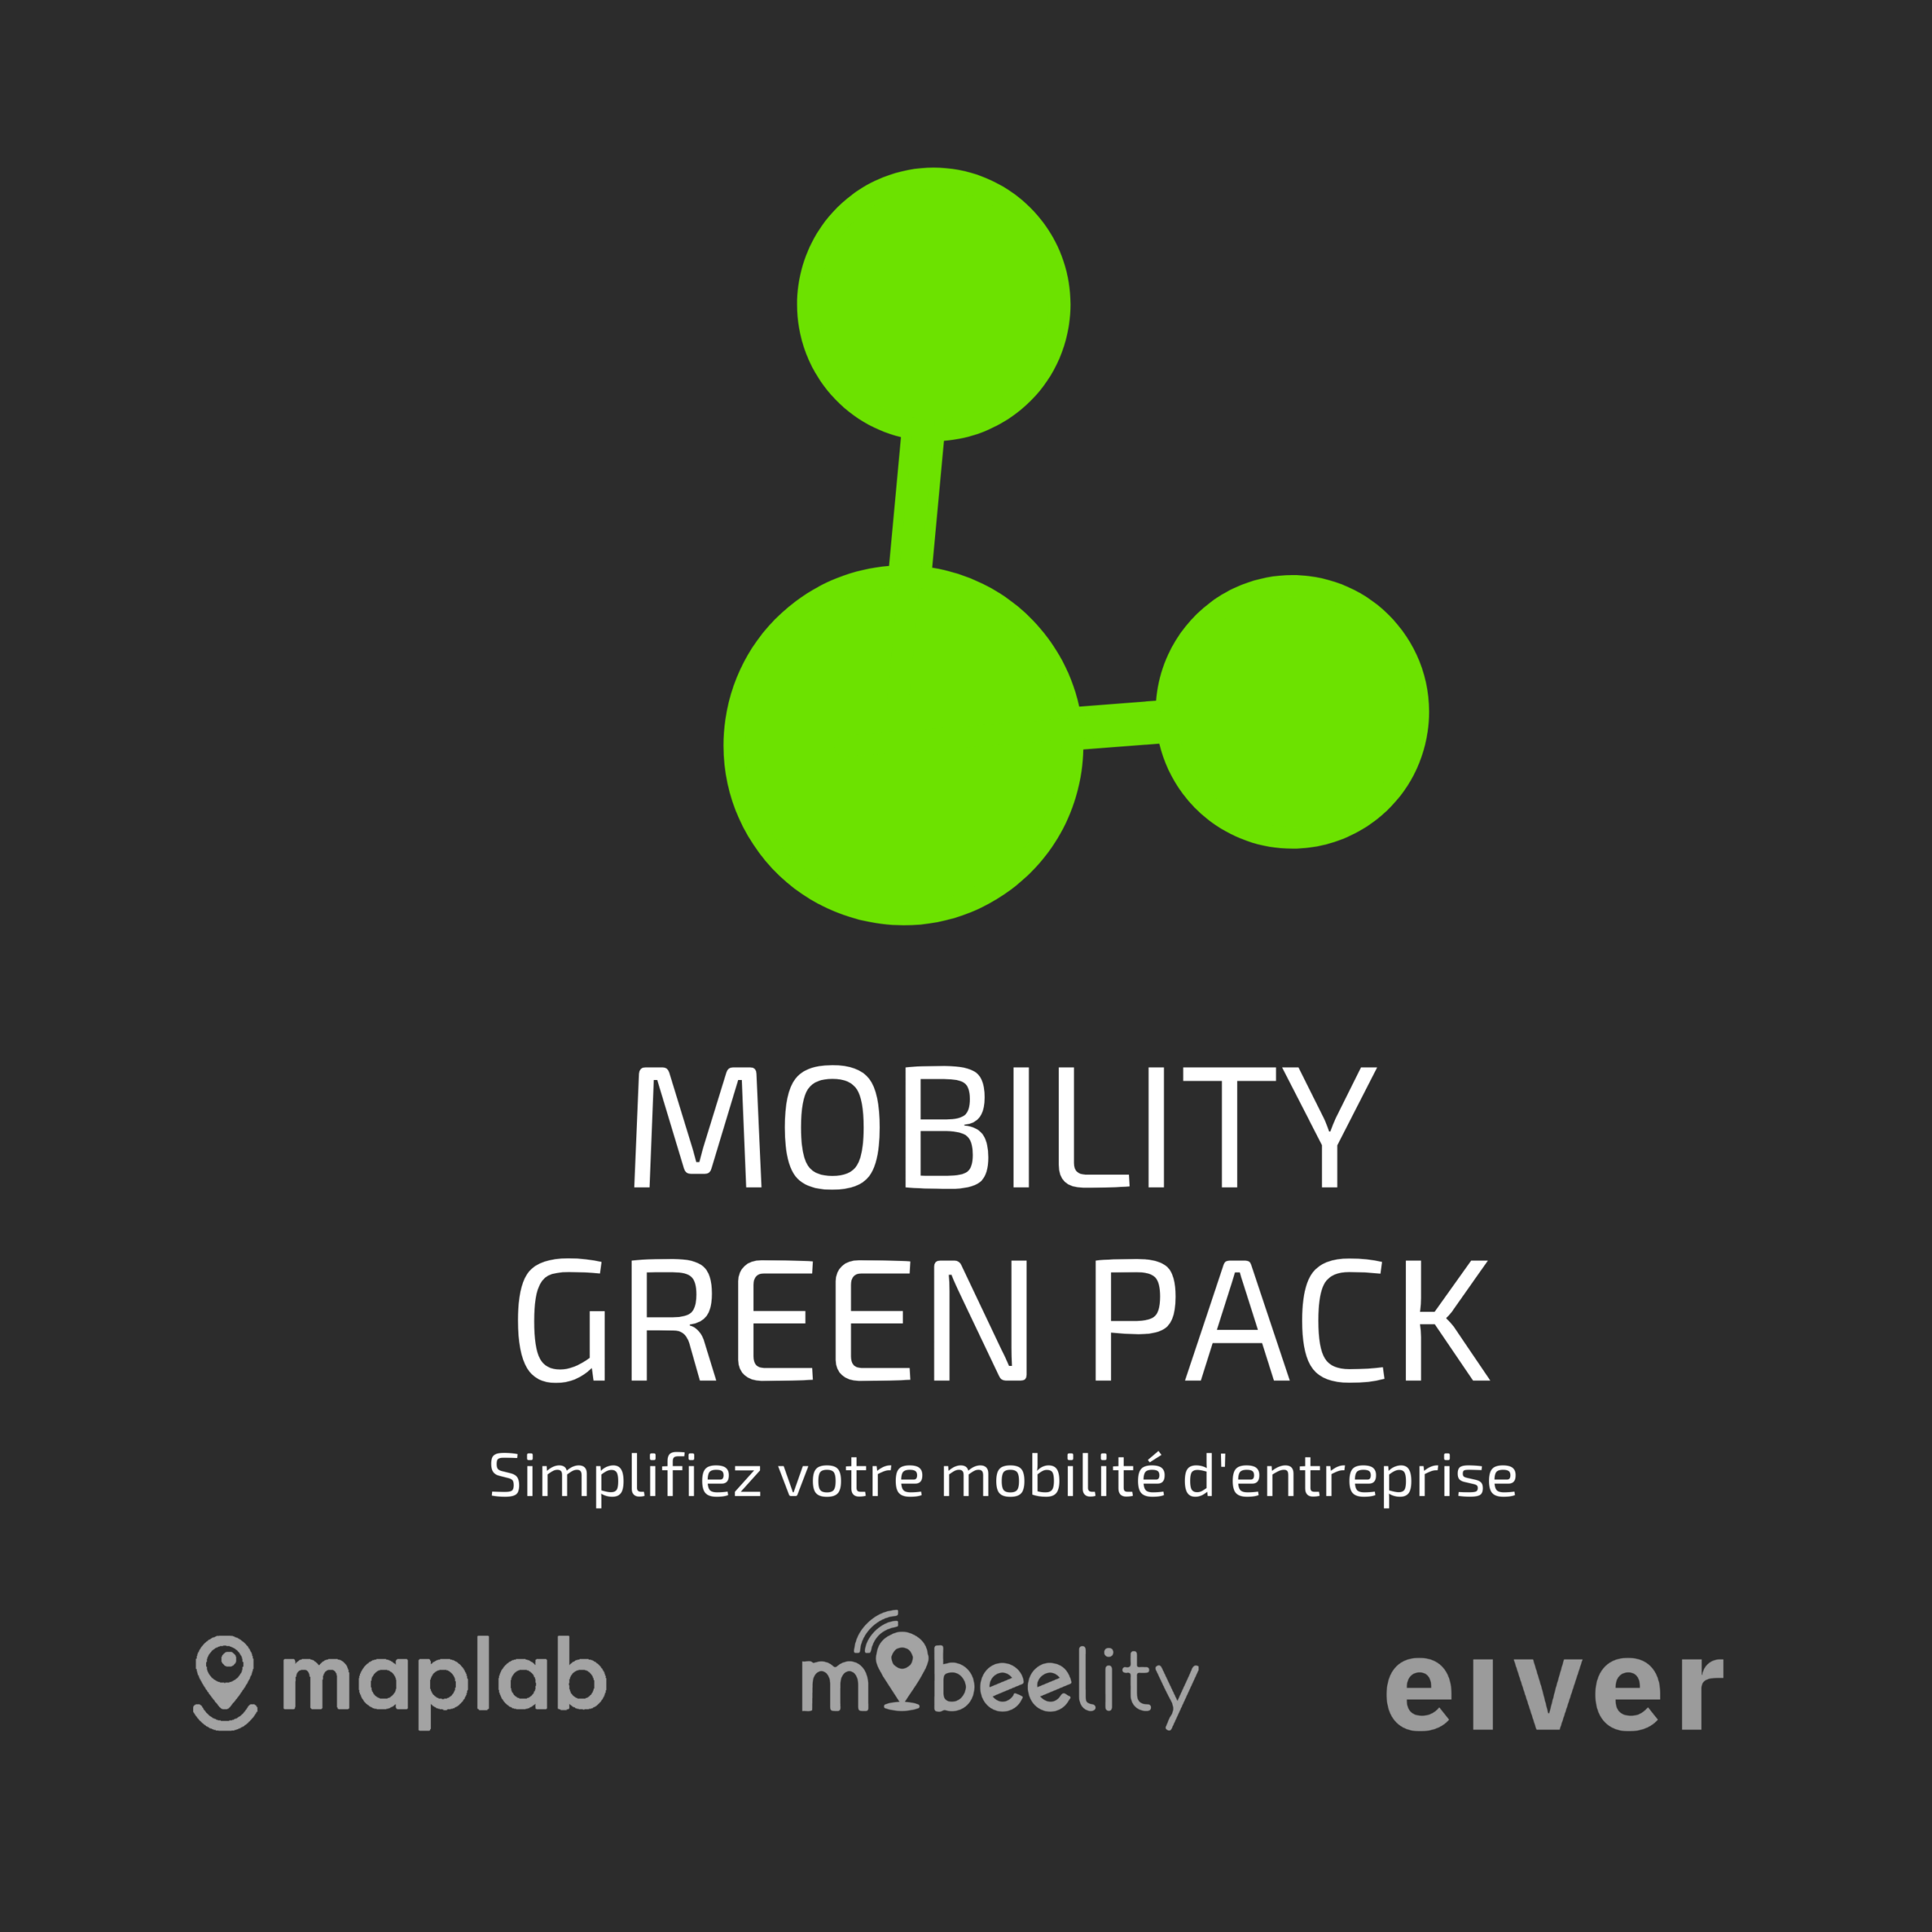 mobility green pack logo - Simplifiez votre mobilité d'entreprise avec le Mobility Green Pack